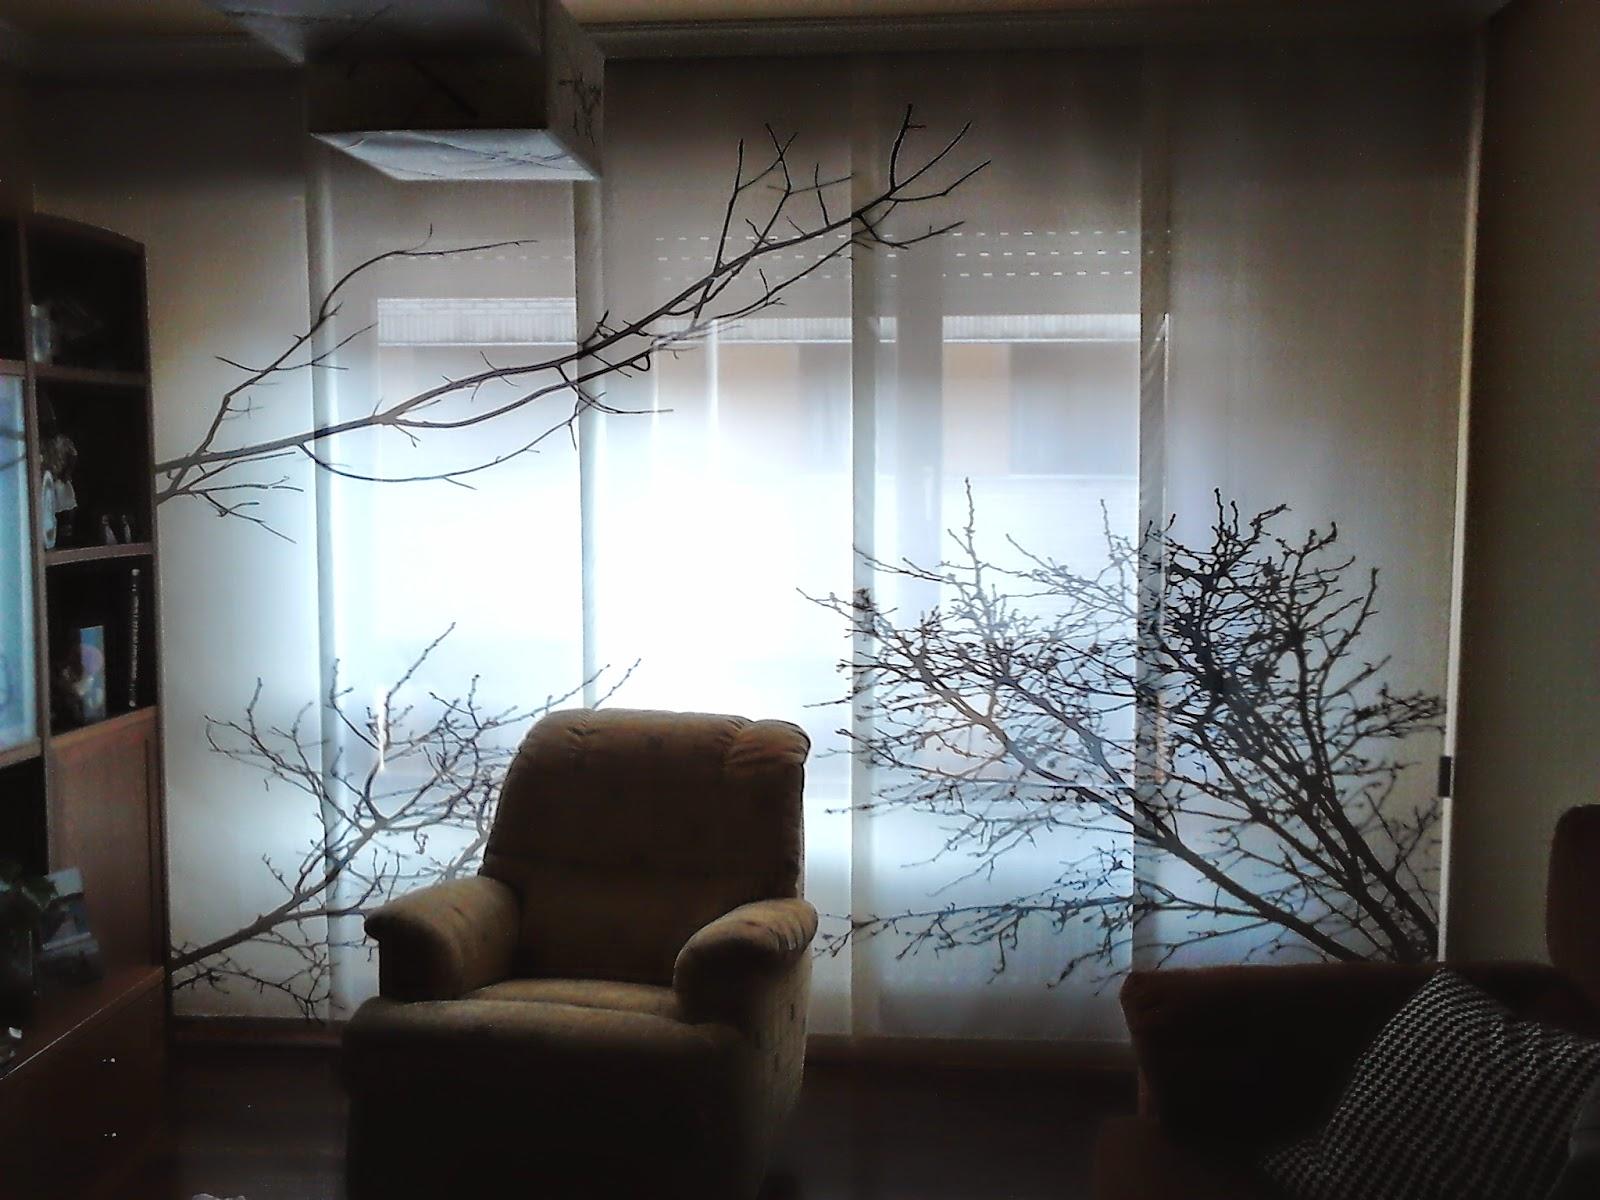 Cortinas c y d - Panel japones salon ...